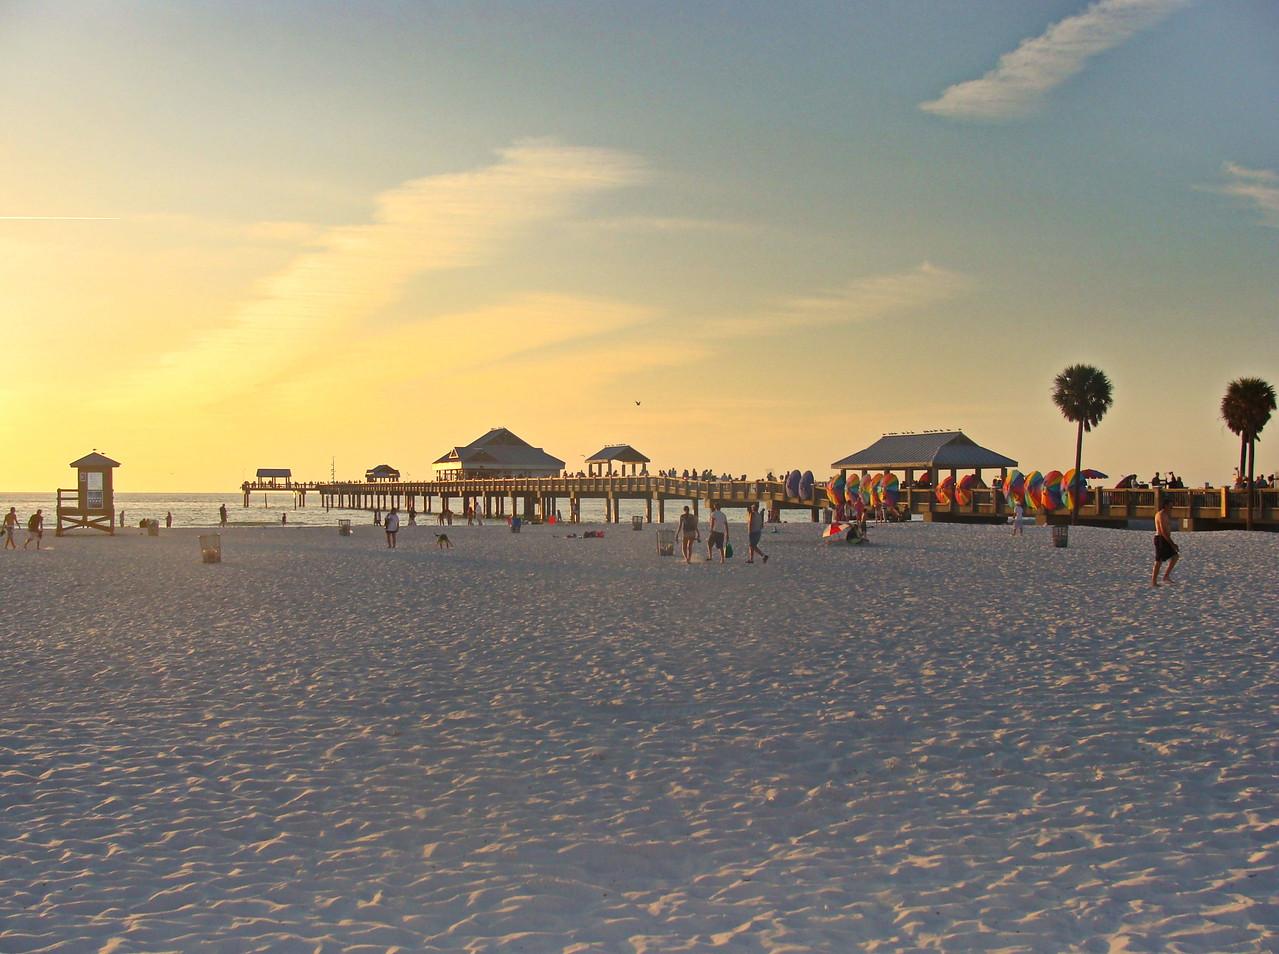 On the Beach at Sundown